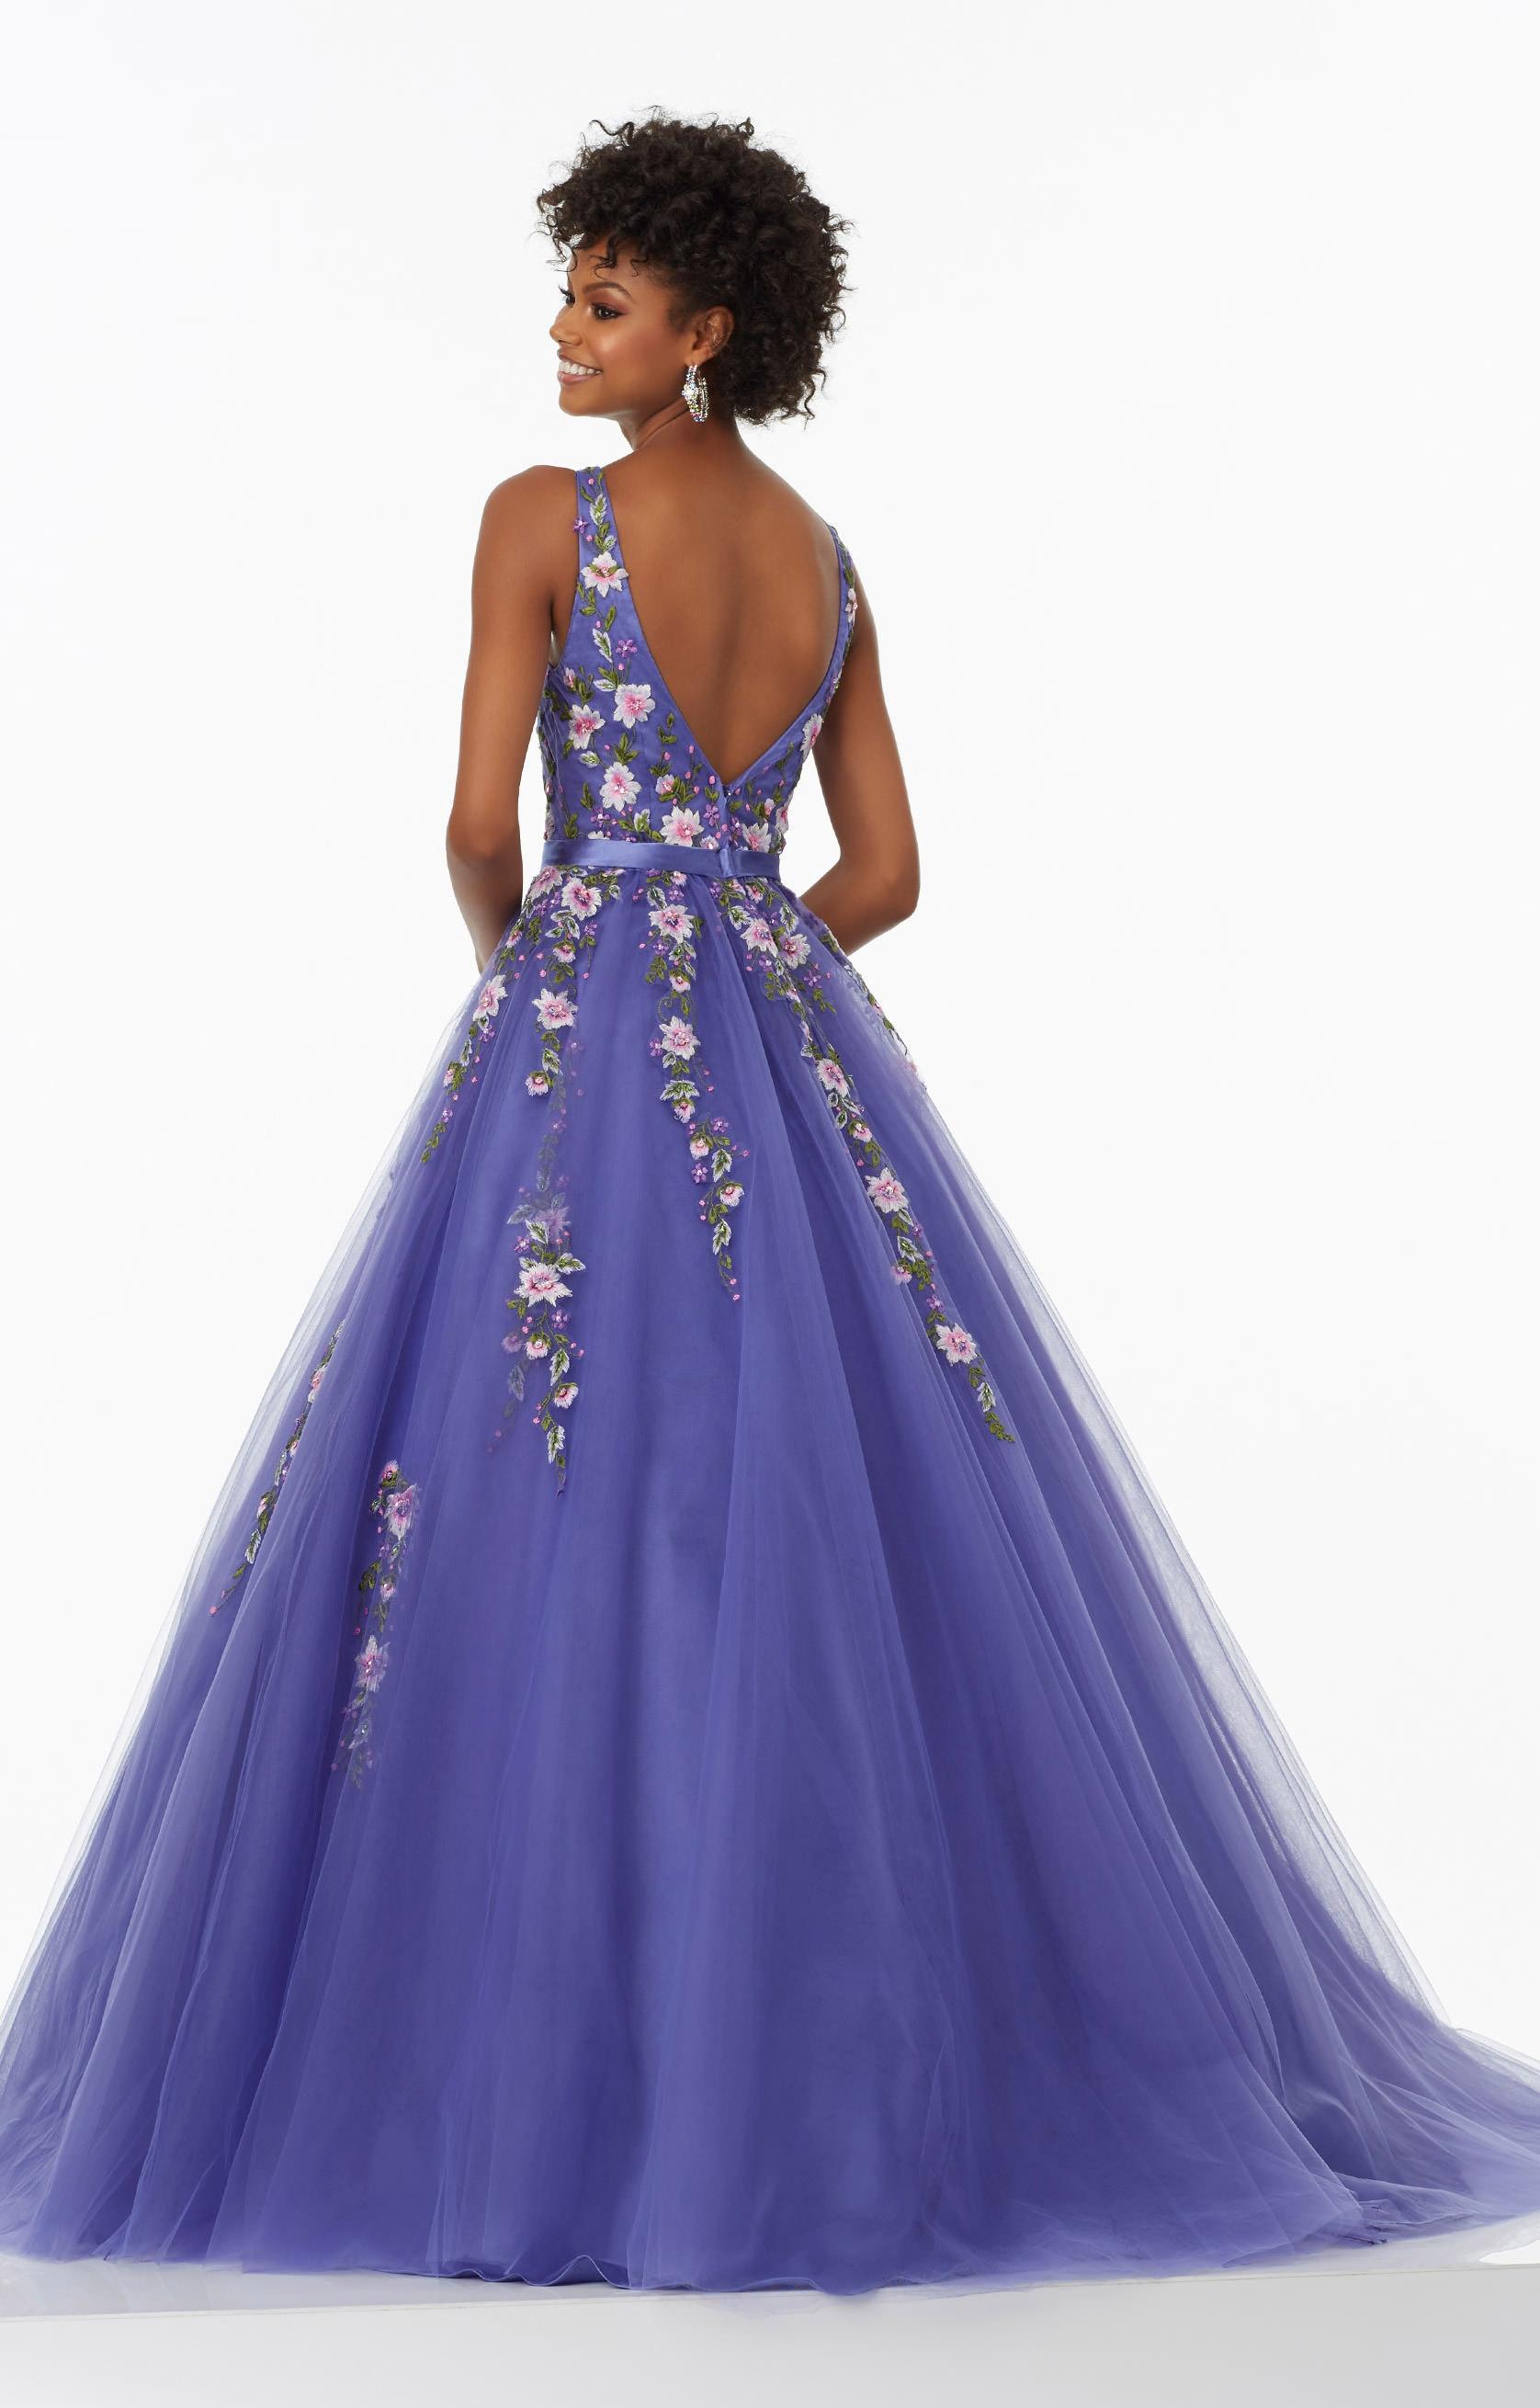 Bonito Mori Precios Vestidos De Dama Lee Colección de Imágenes ...